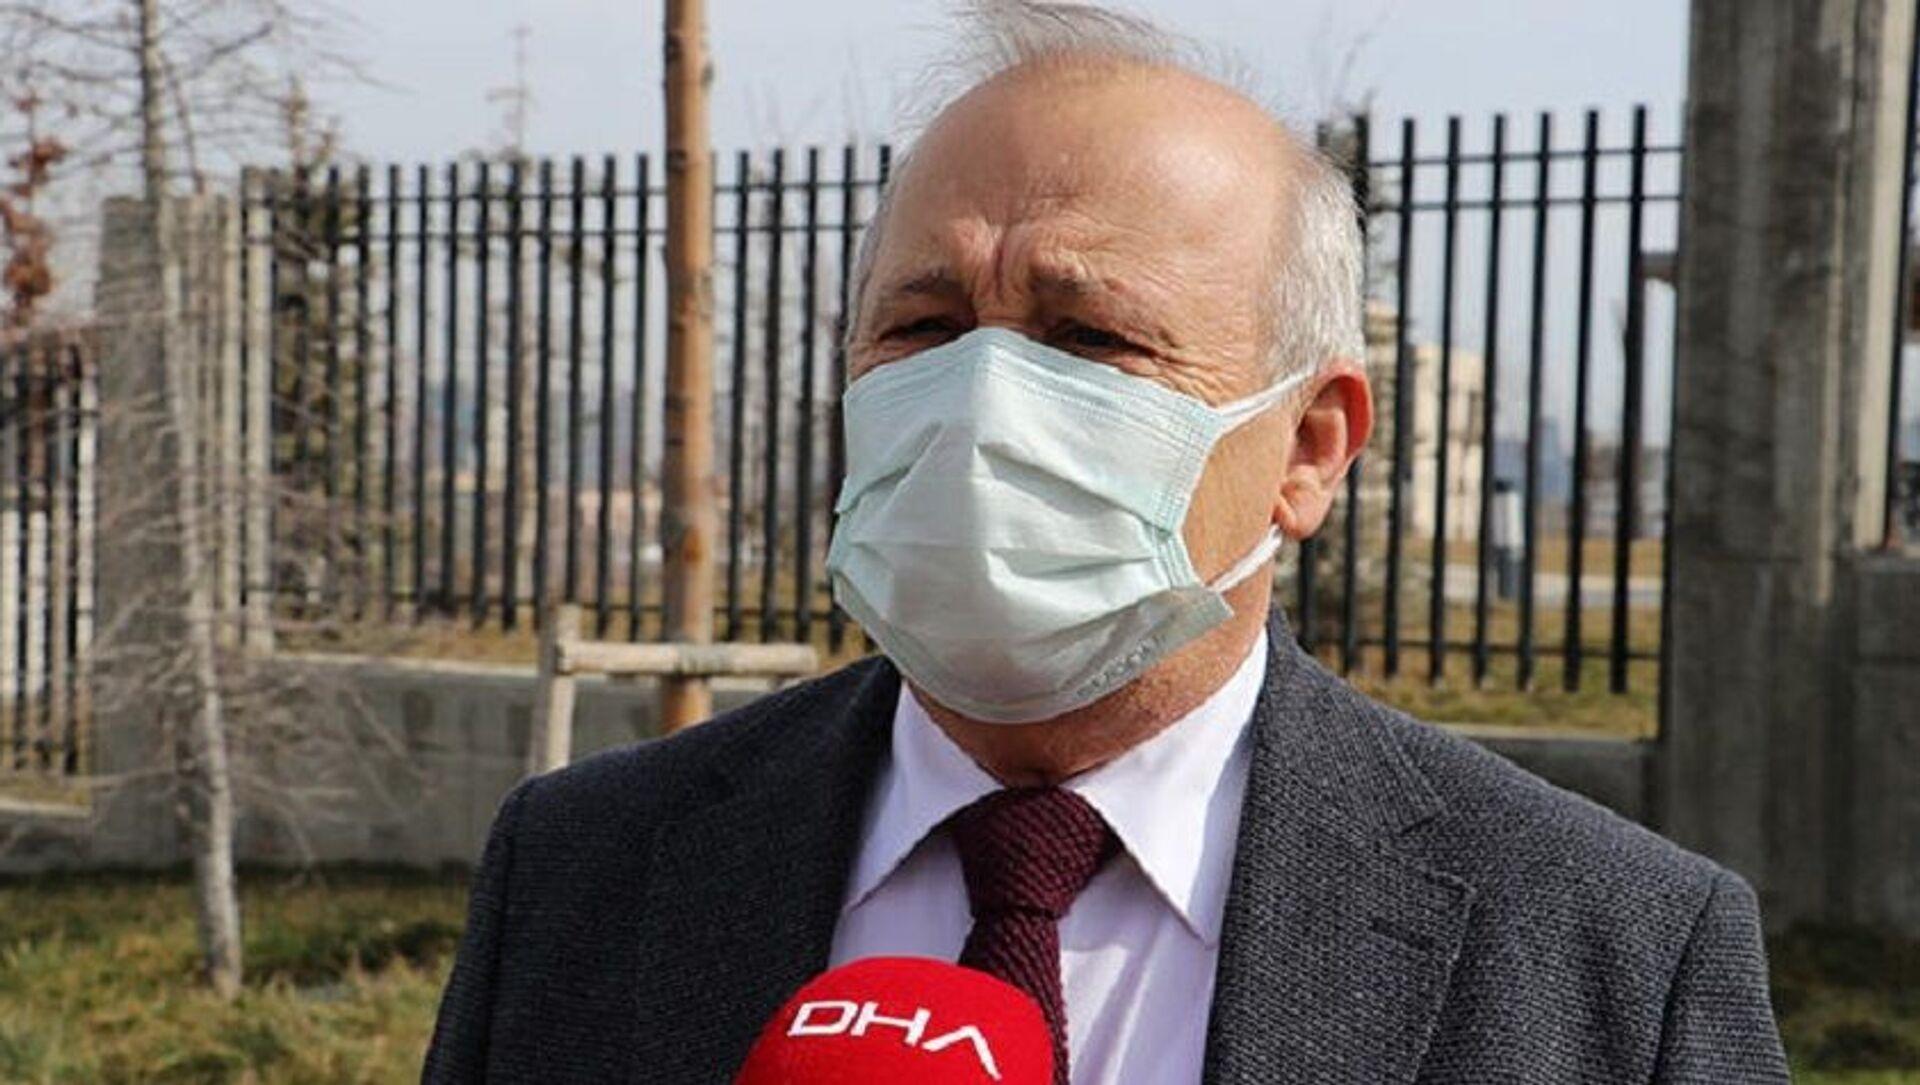 Sağlık Bakanlığı Bilim Kurulu üyesi Prof. Dr. Levent Akın - Sputnik Türkiye, 1920, 12.02.2021